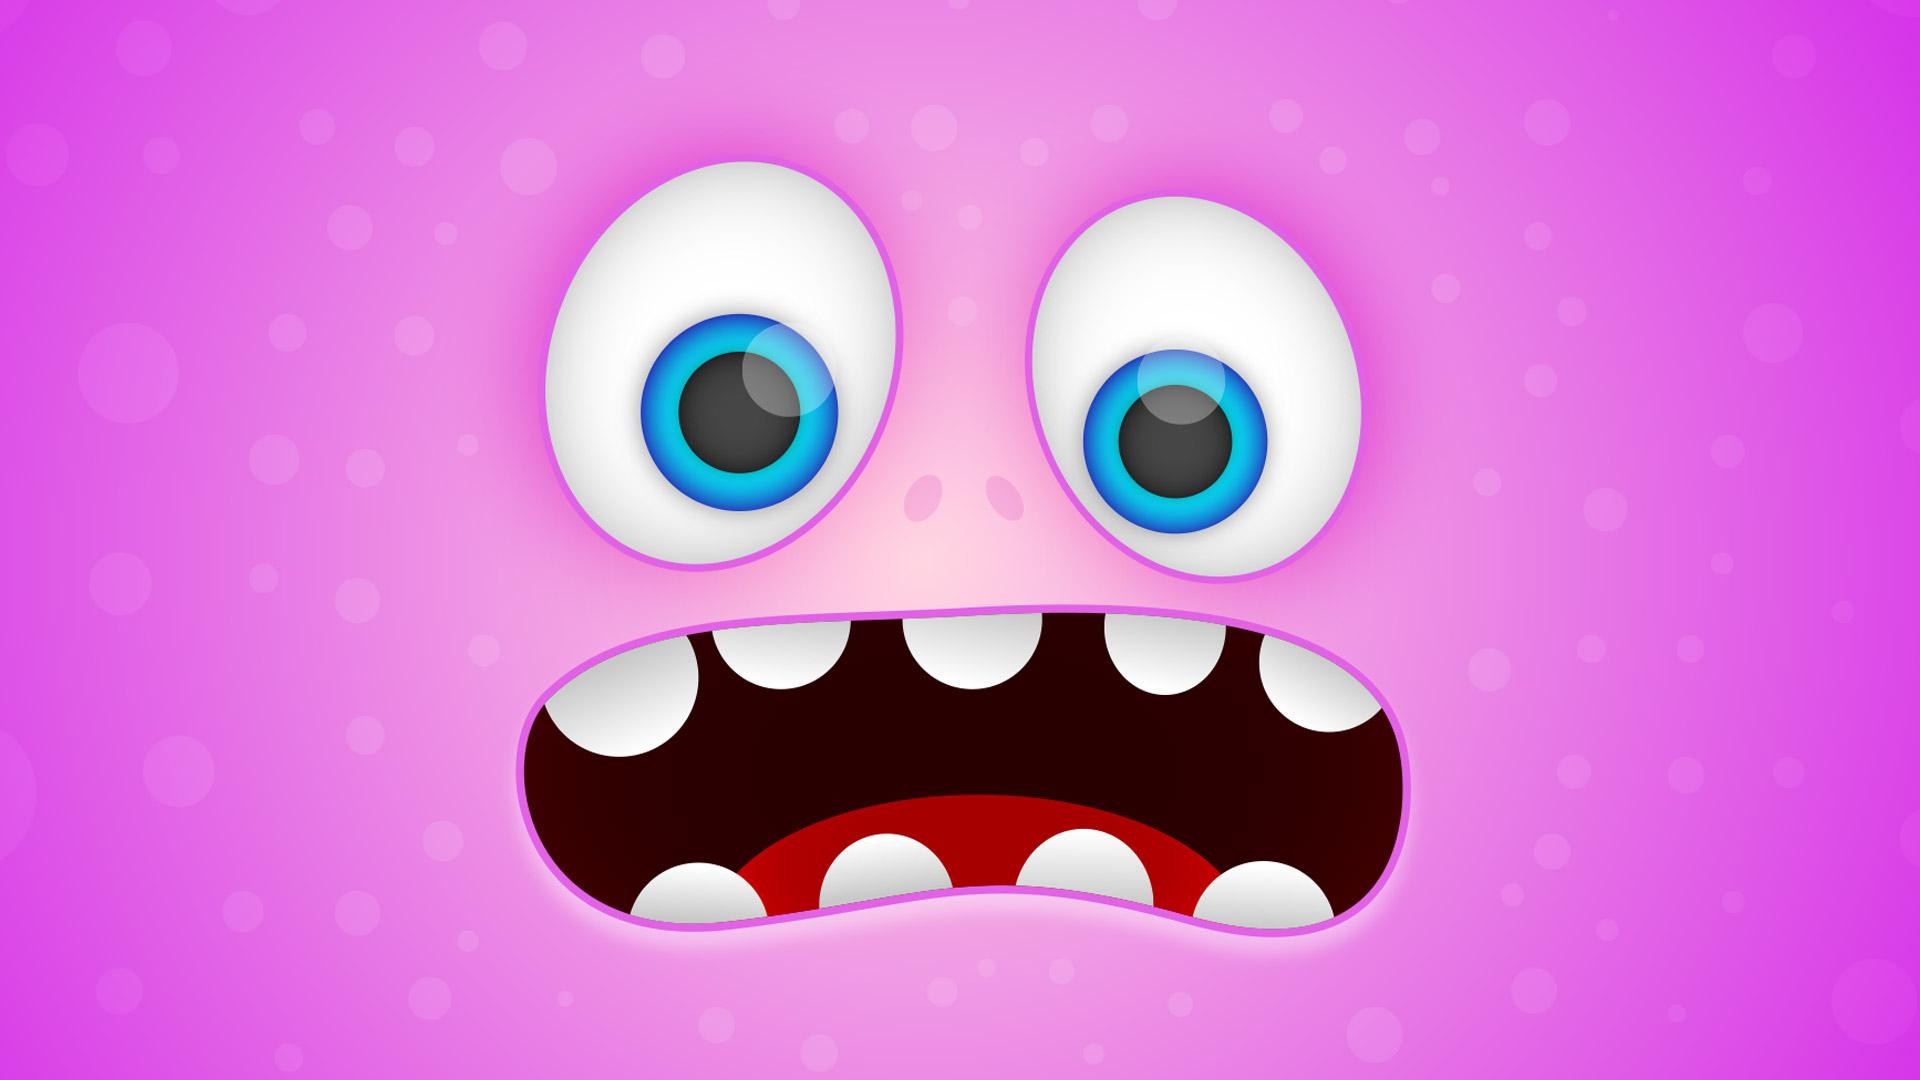 Cartoon of monster's face